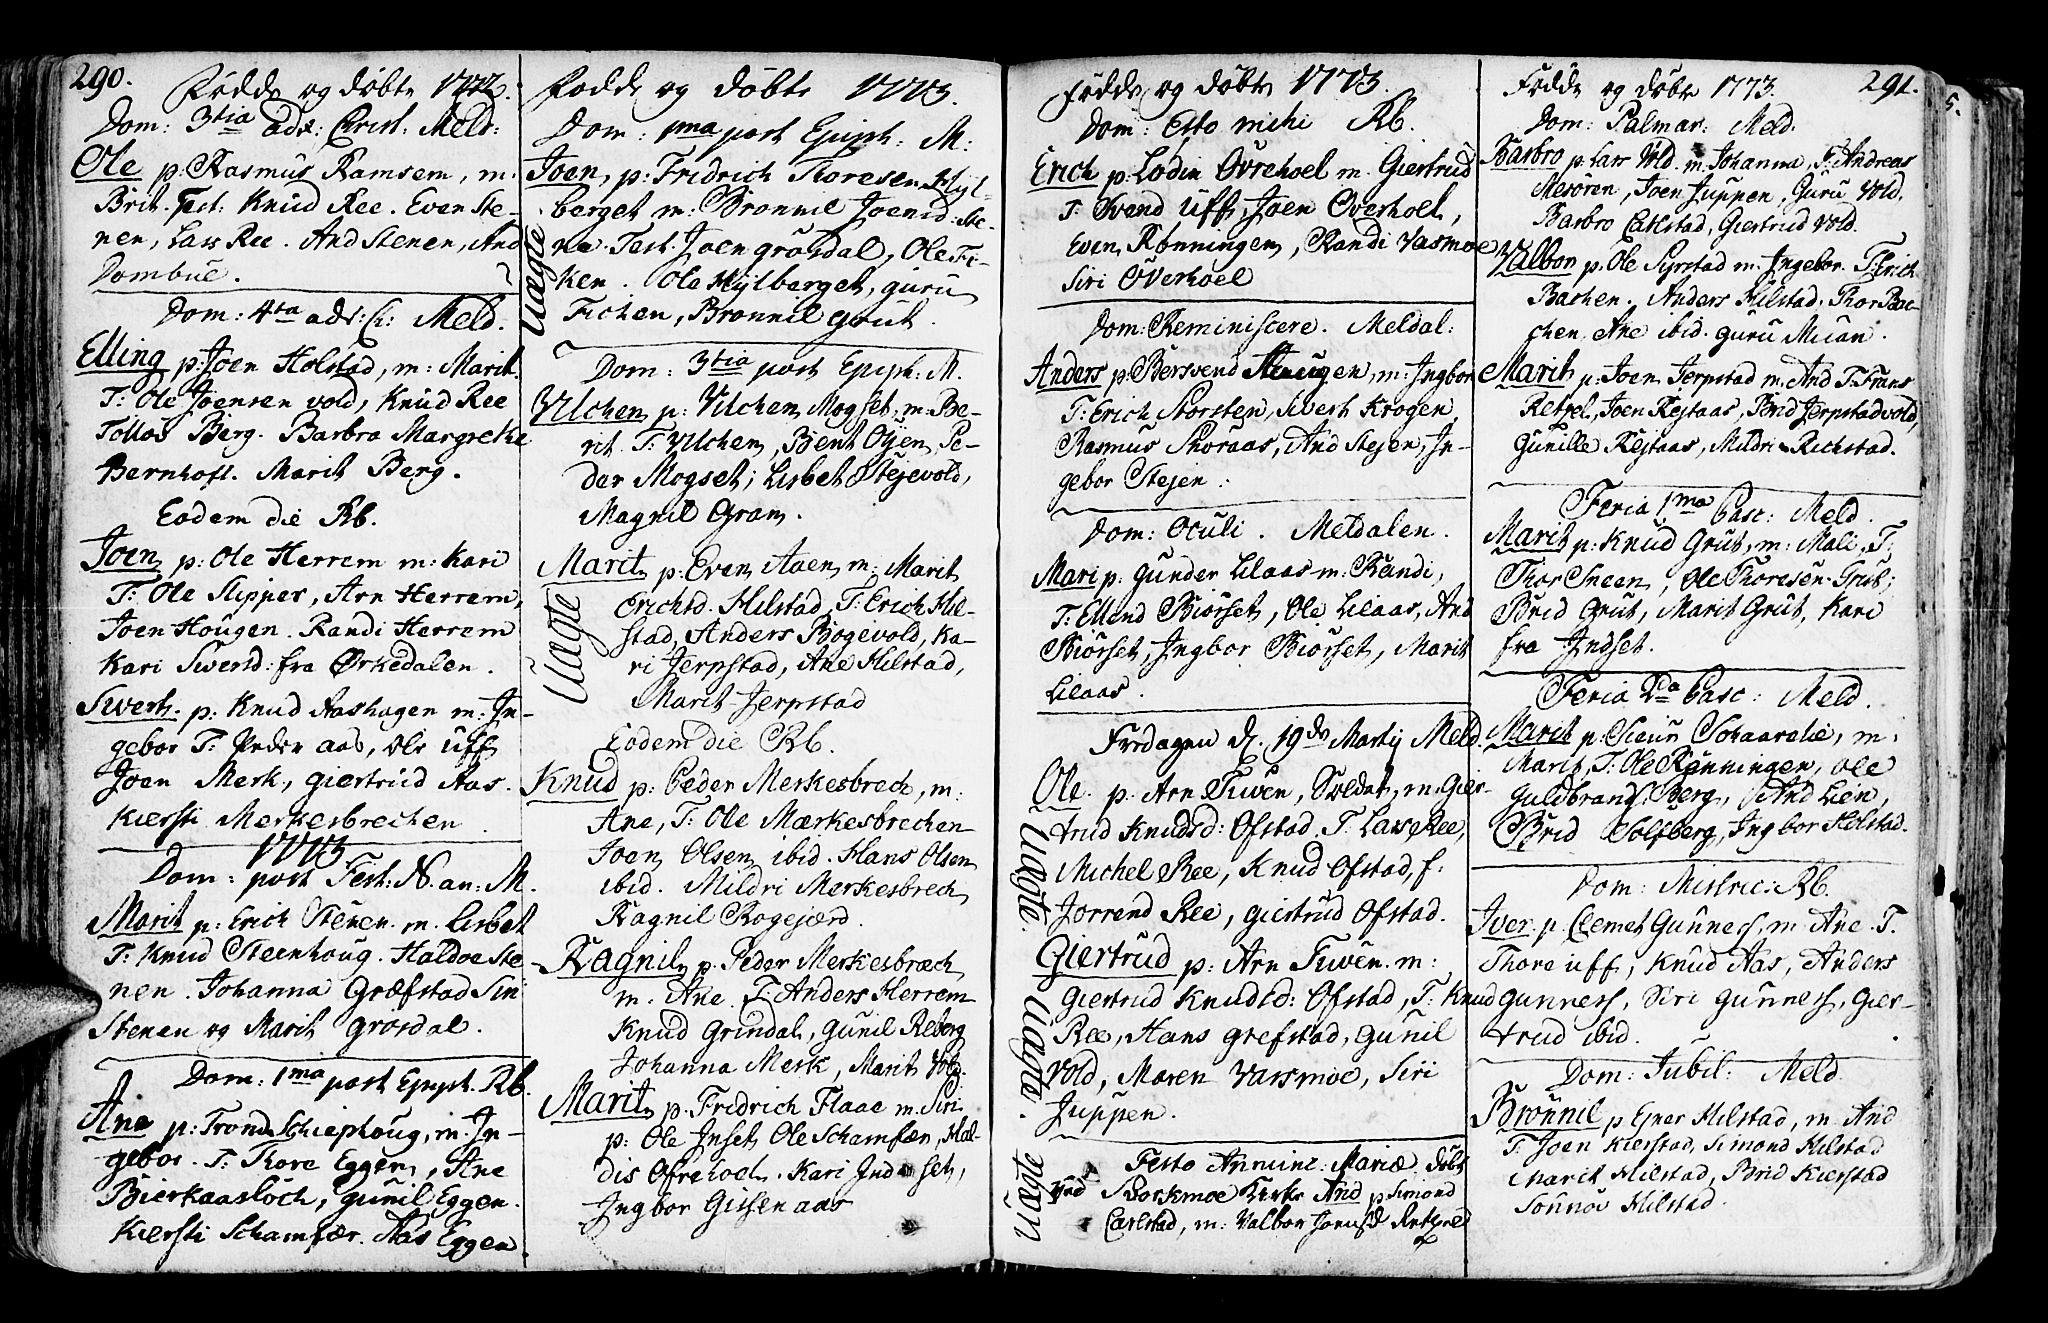 SAT, Ministerialprotokoller, klokkerbøker og fødselsregistre - Sør-Trøndelag, 672/L0851: Ministerialbok nr. 672A04, 1751-1775, s. 290-291